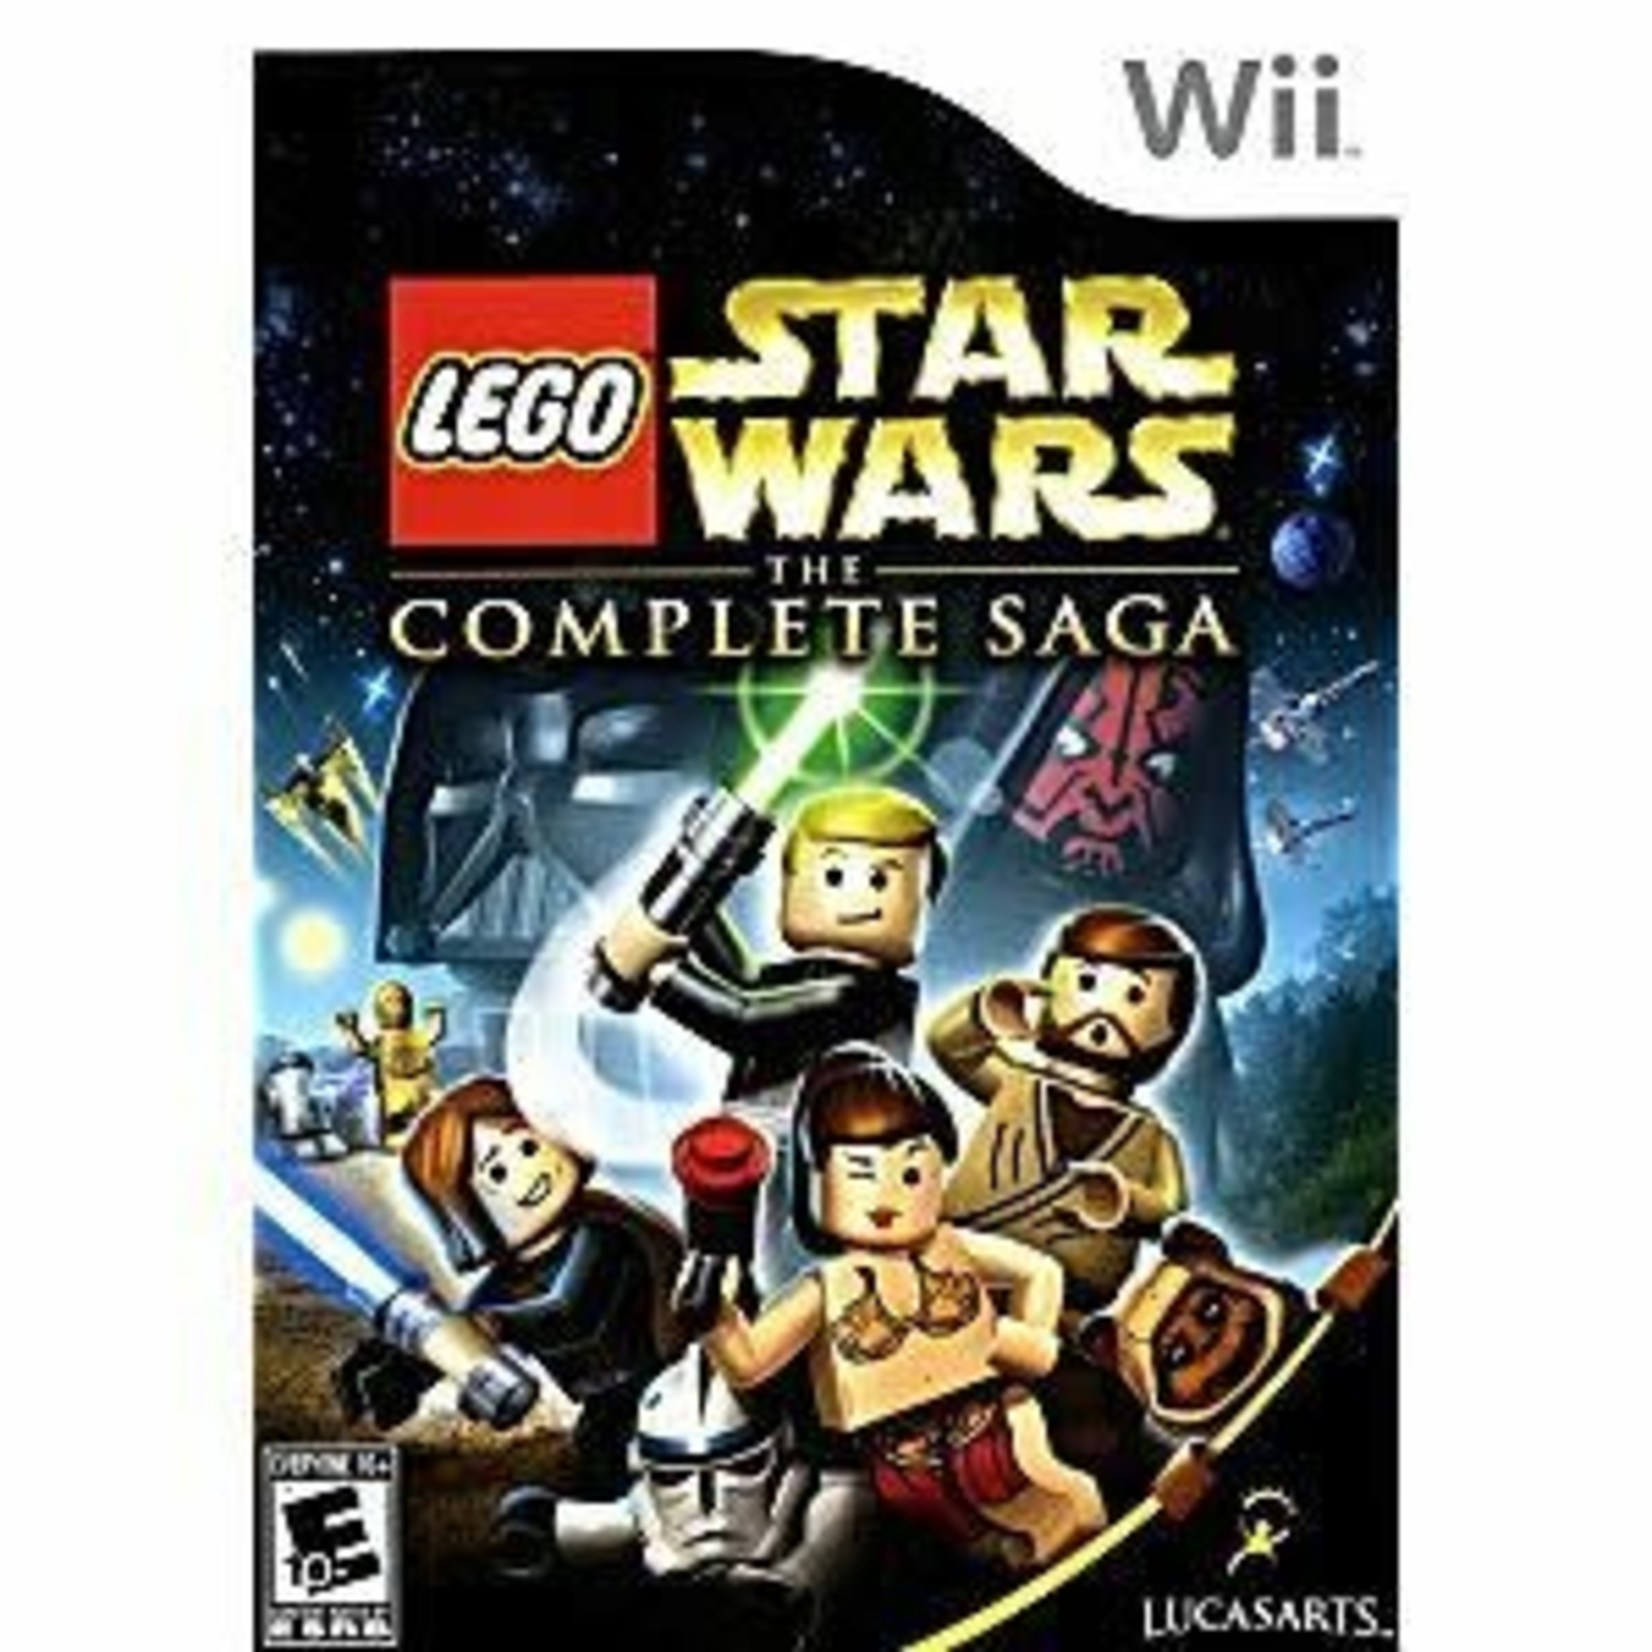 wiiusd-LEGO Star Wars Complete Saga